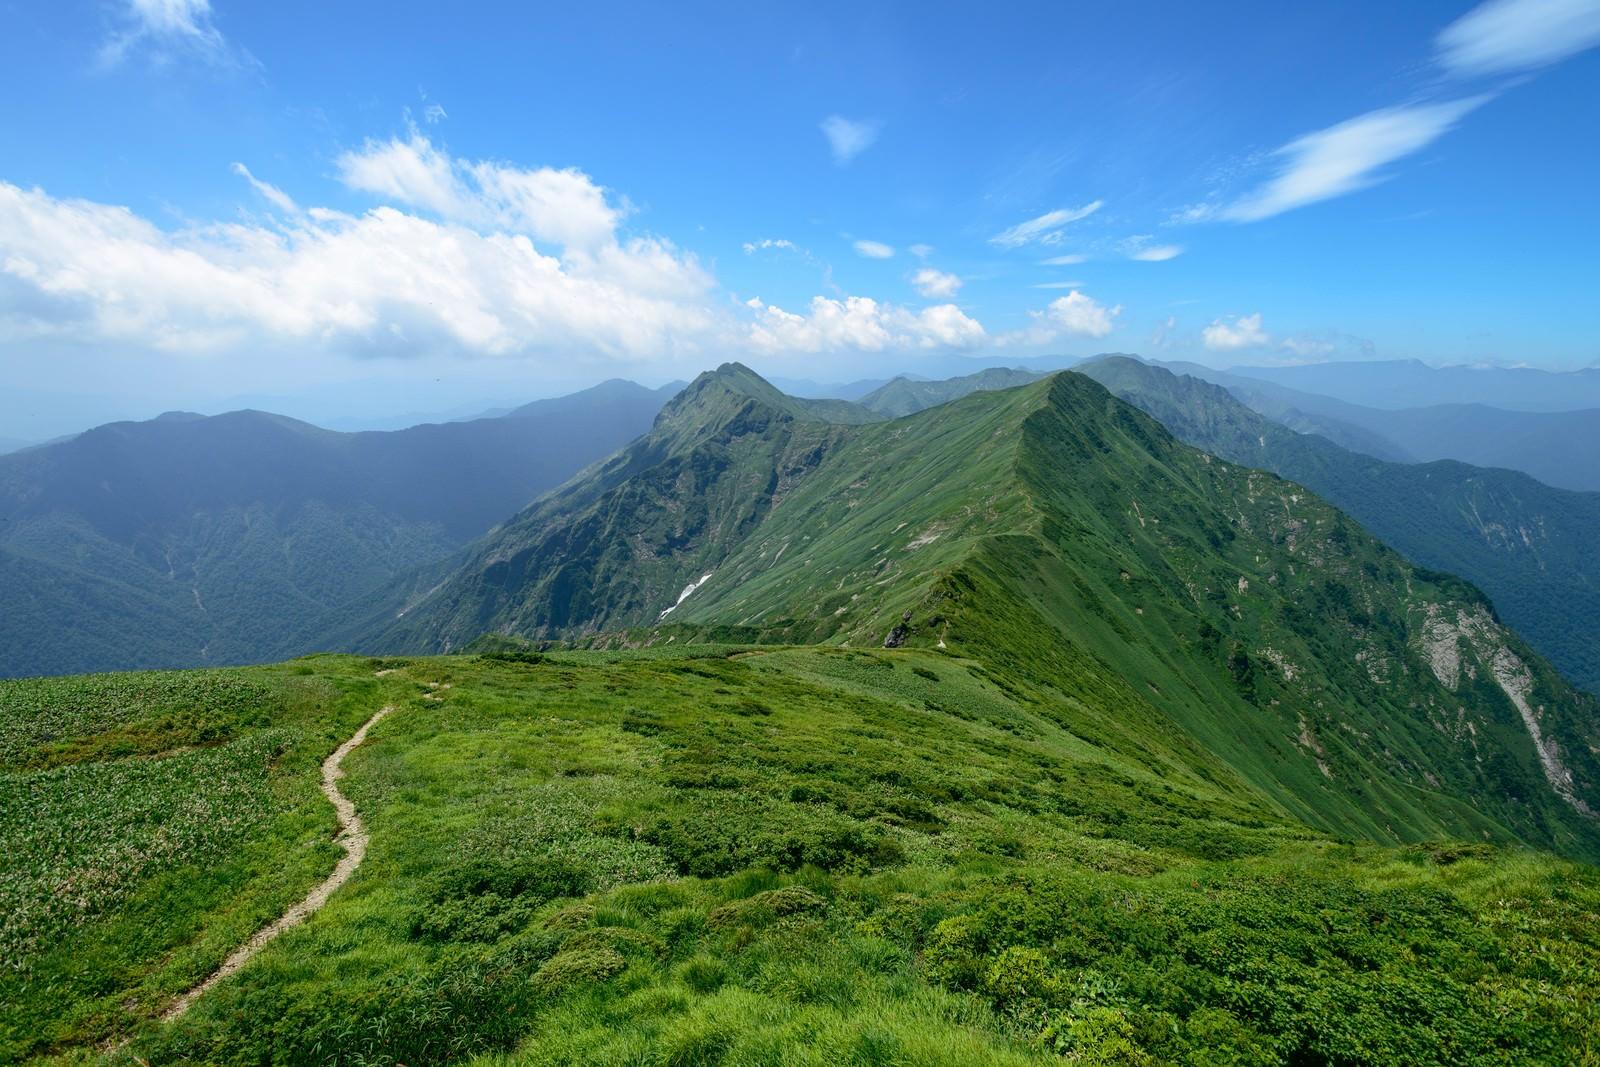 「谷川岳にある川棚の頭と万太郎山の景色」の写真